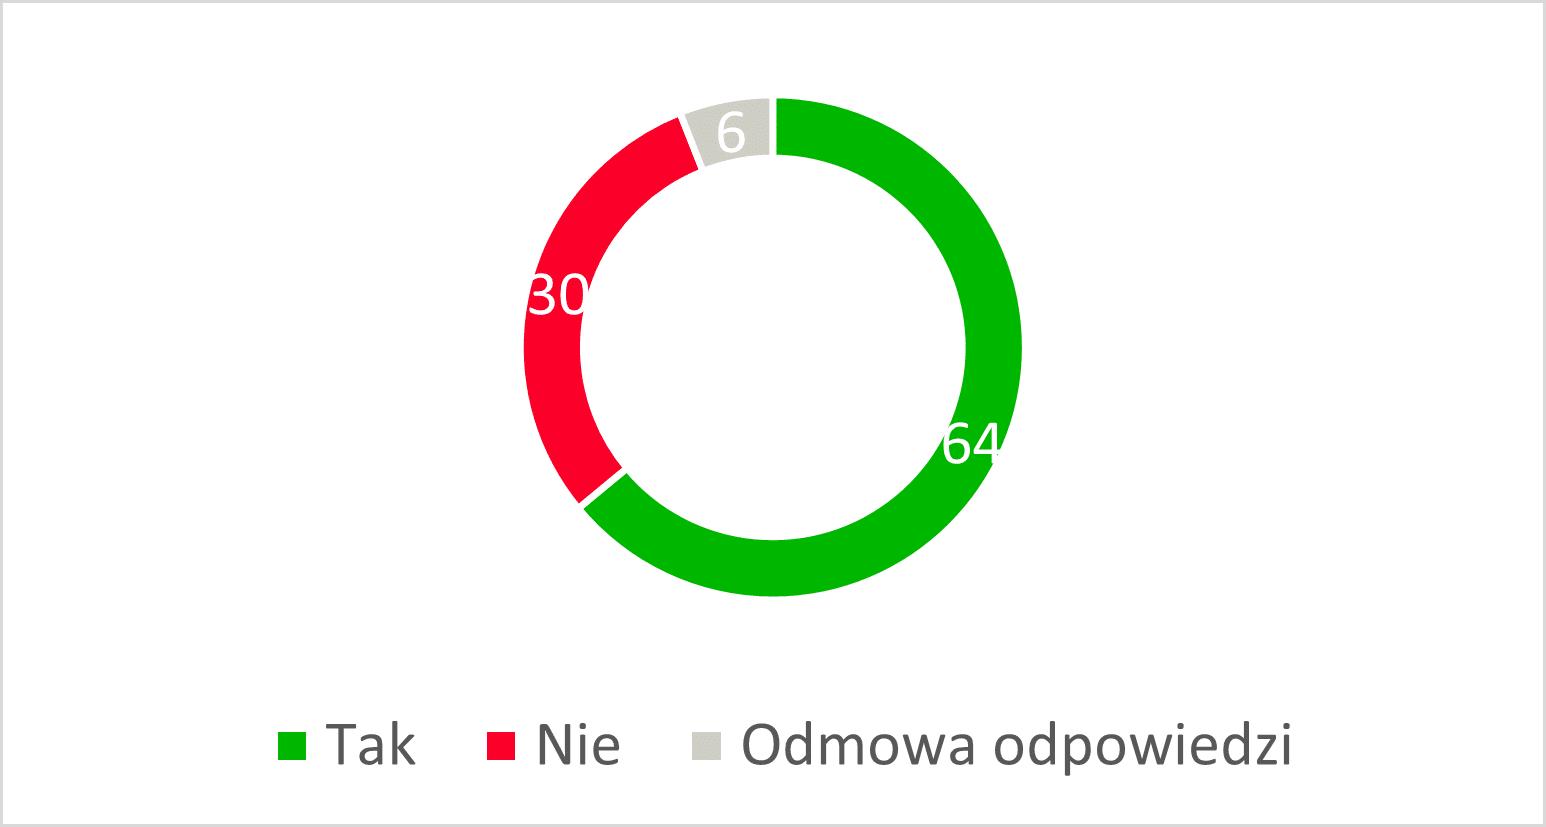 Inwestowanie – najlepsze opcje według Polaków 3